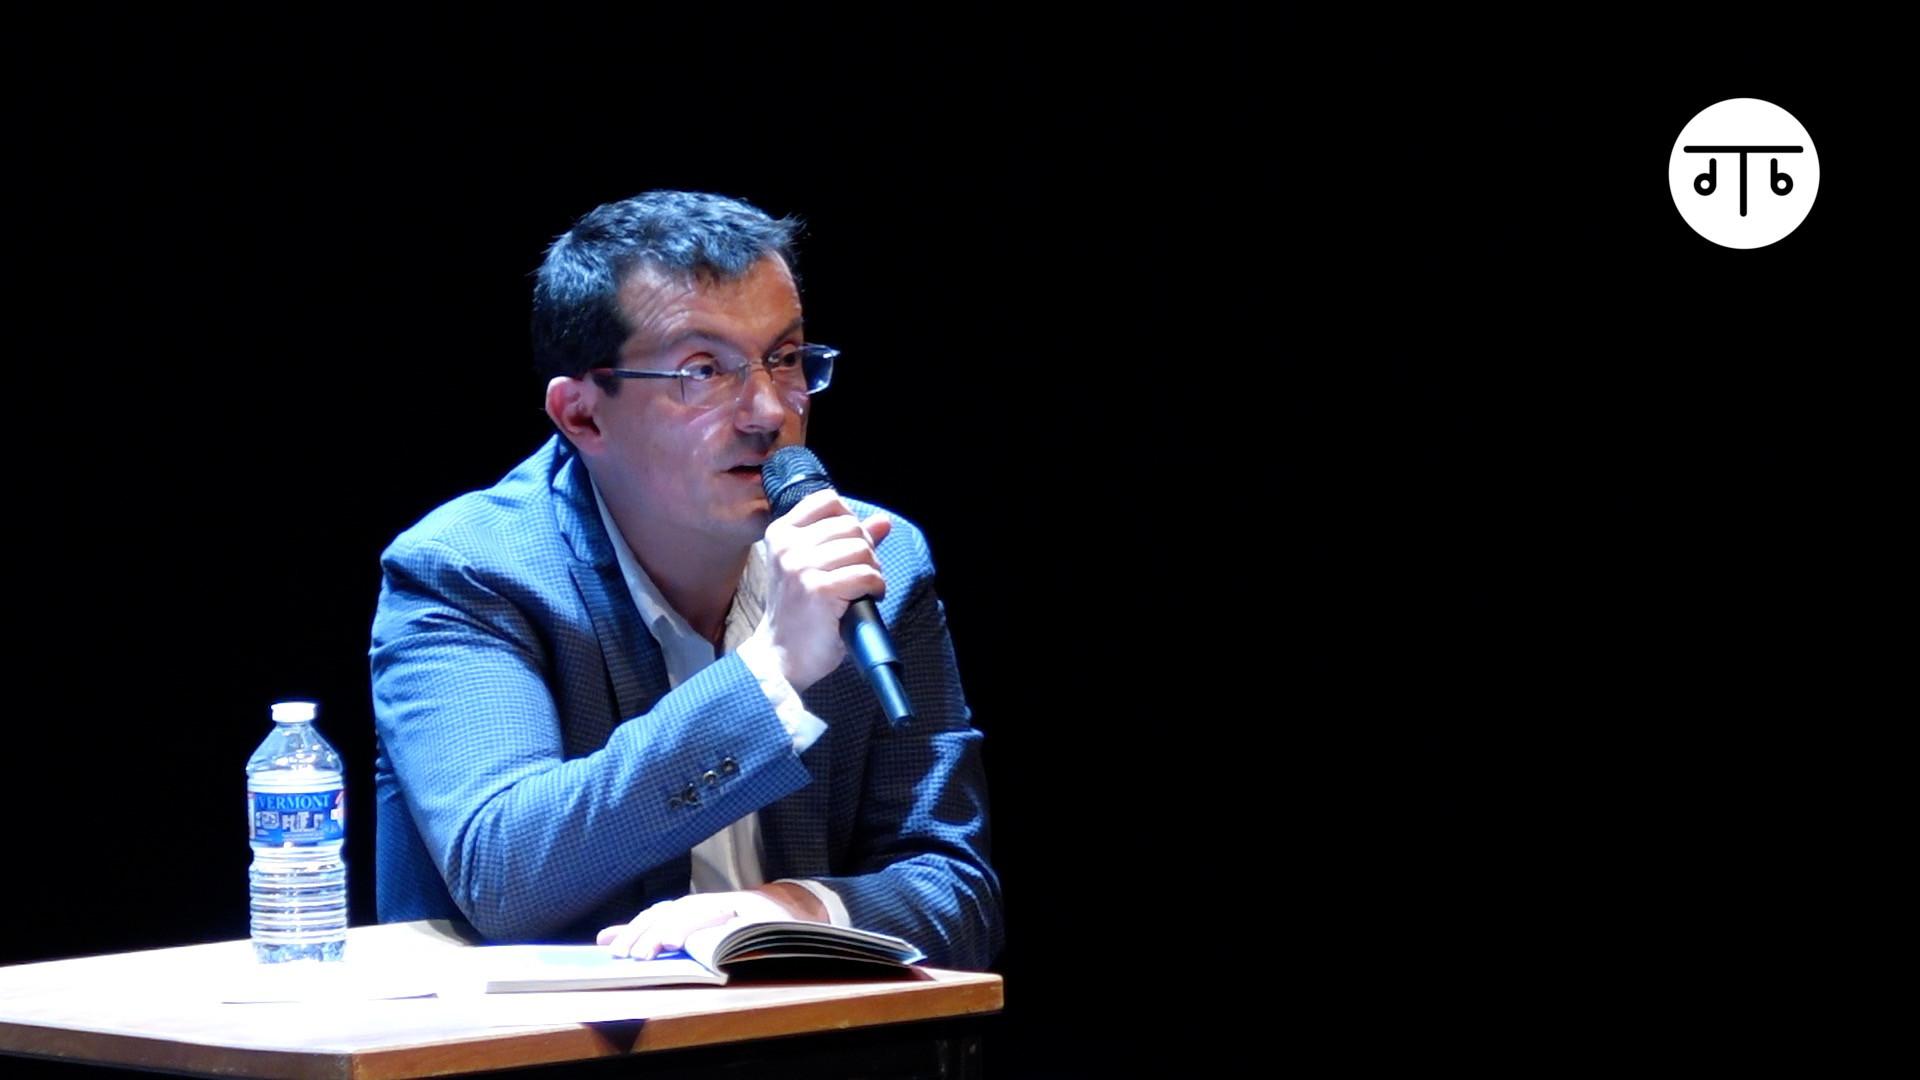 """Vidéo """"Féminines"""" de Pauline Bureau, présentation par Benoît Lambert"""